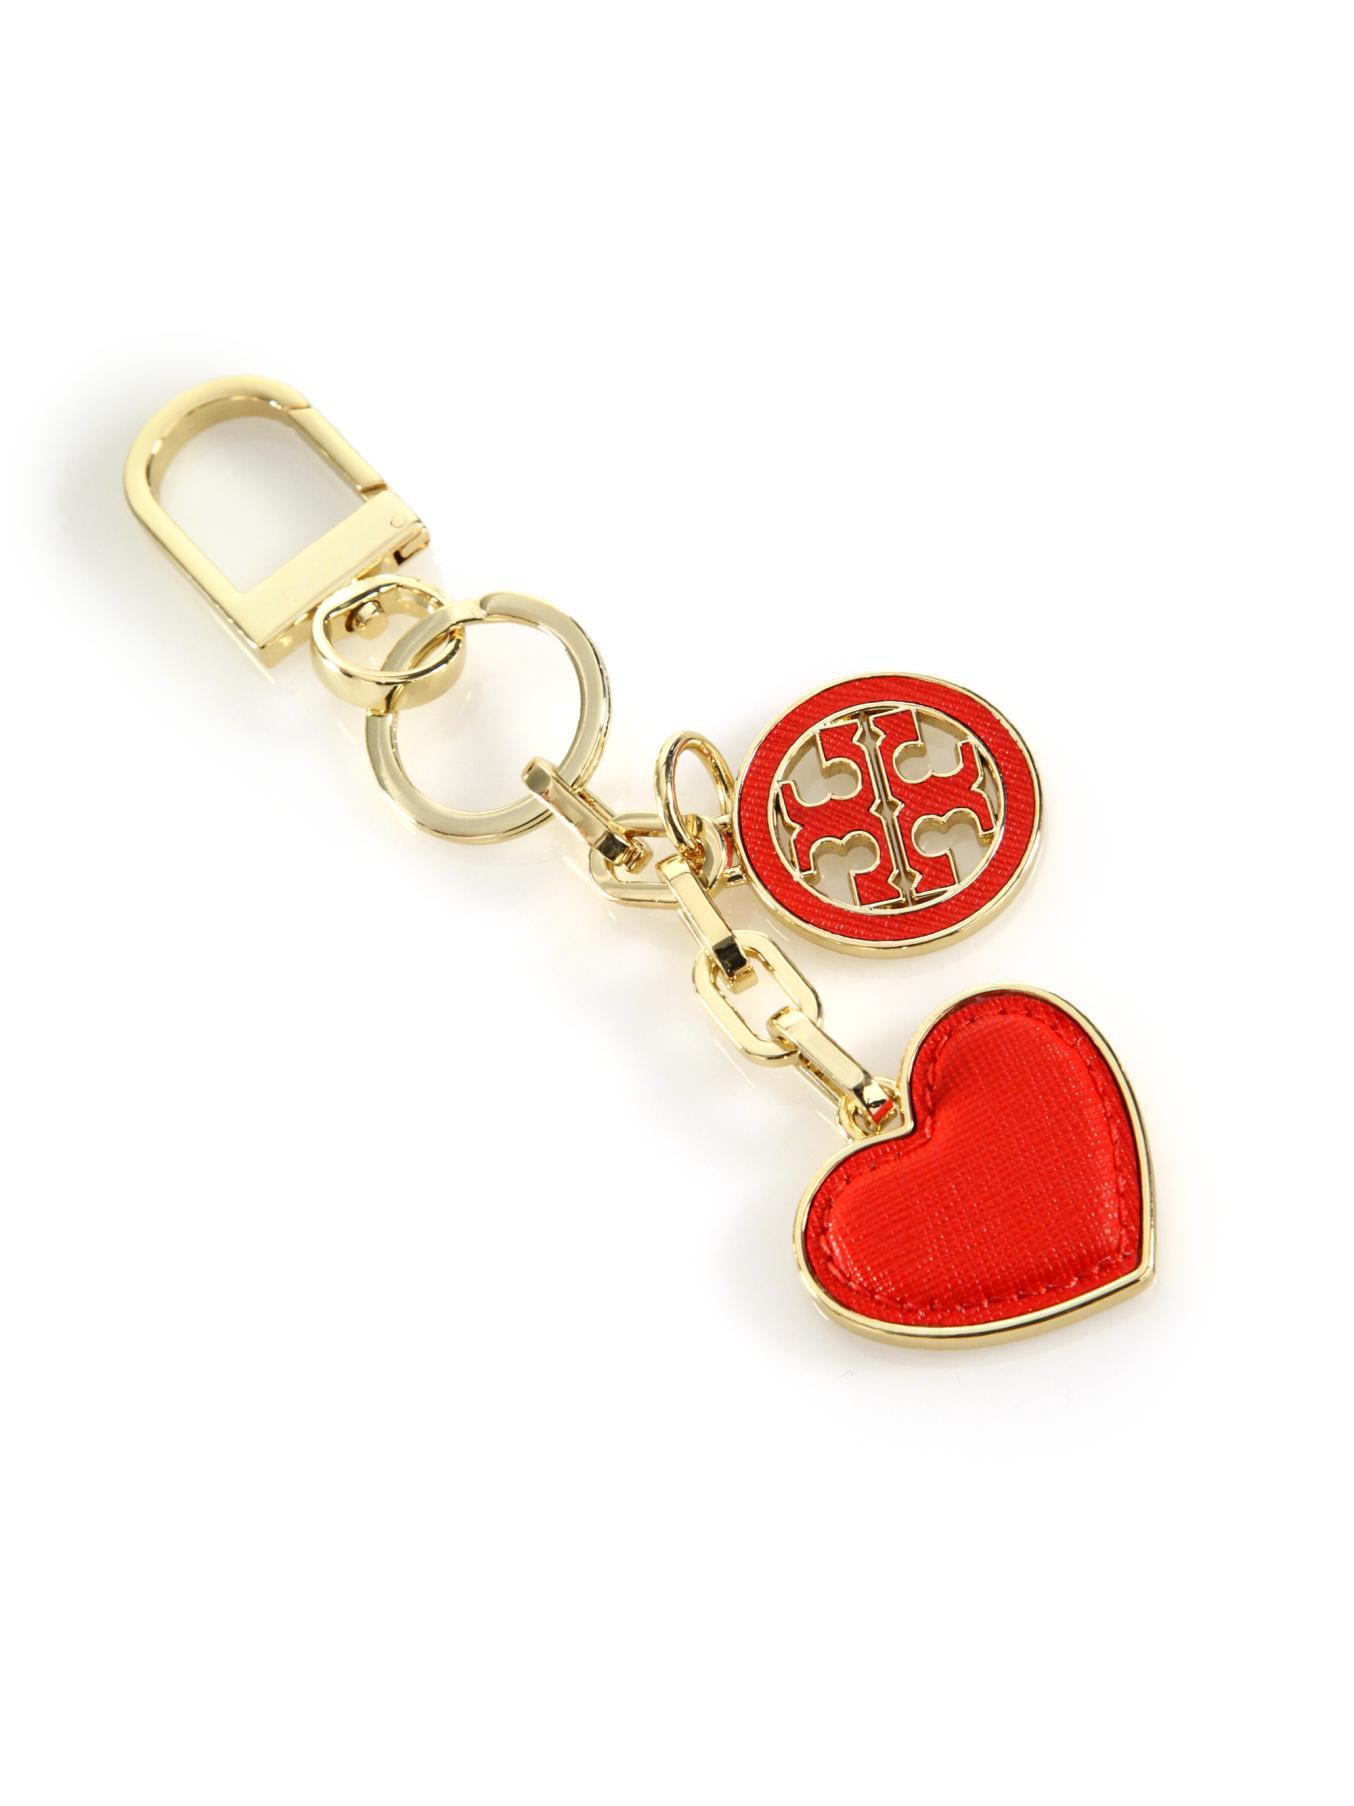 c8a3bcb1b92c Lyst - Tory Burch Logo   Heart Key Fob in Red